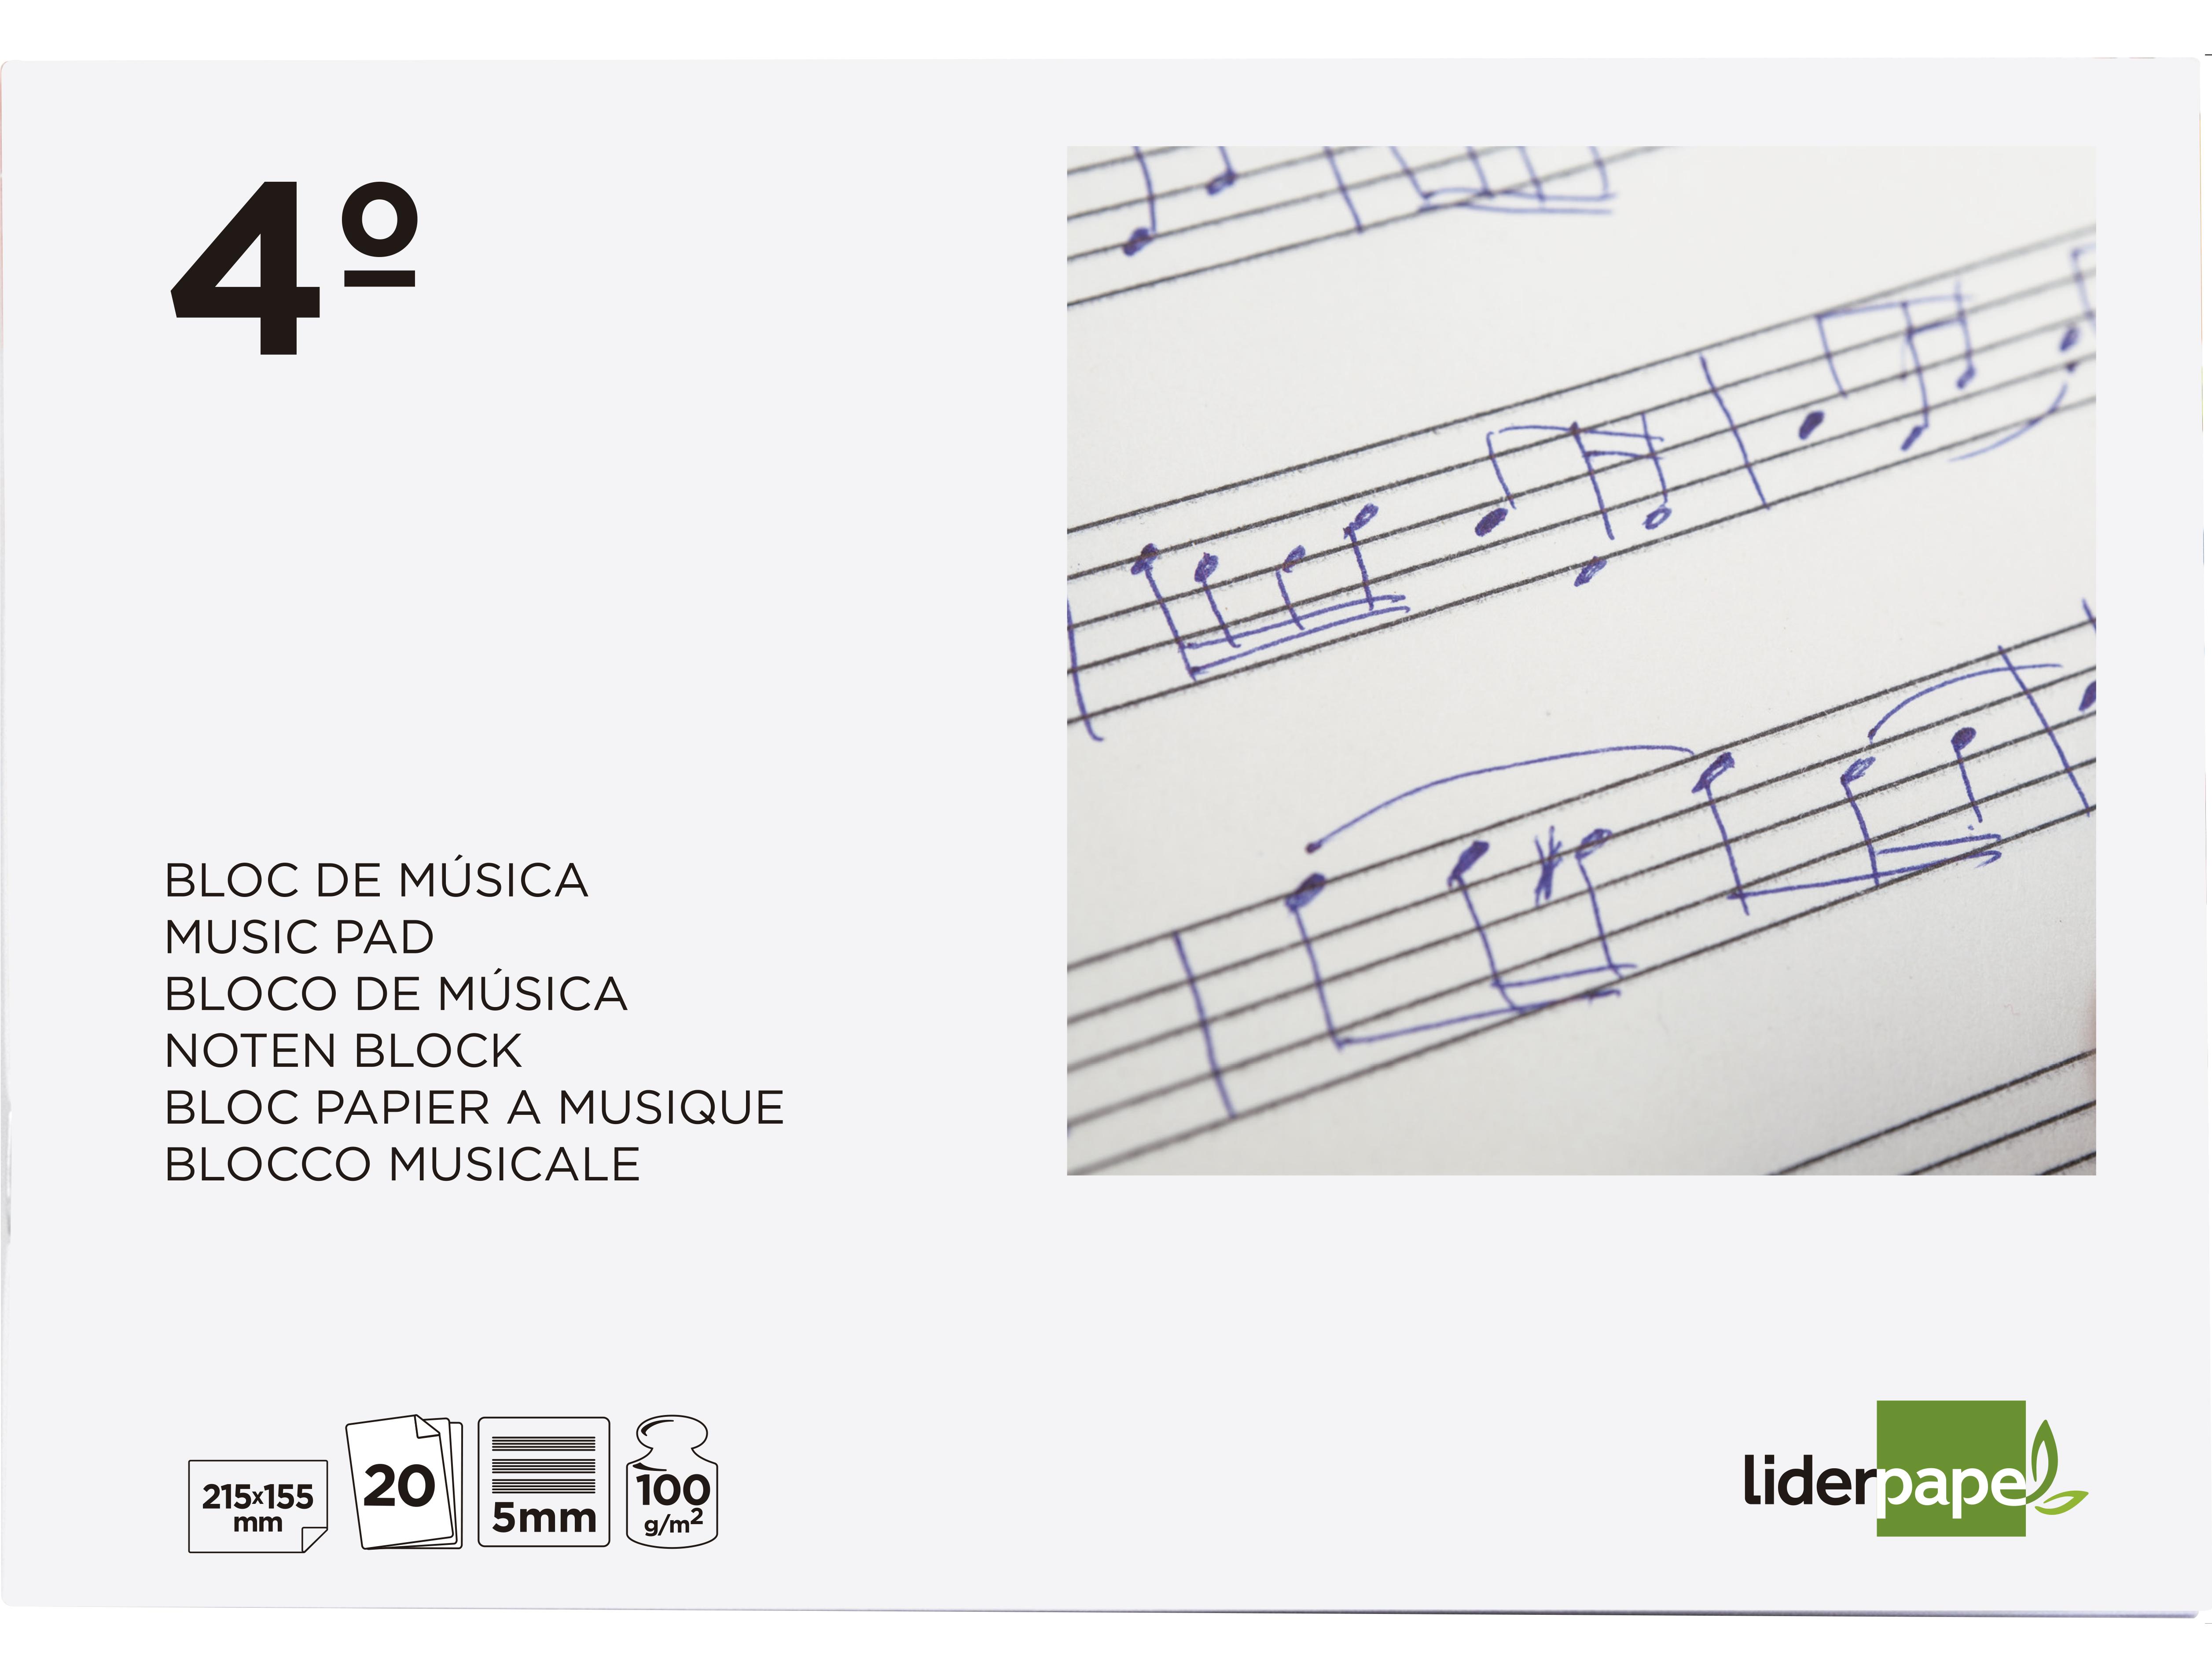 Bloc musica liderpapel pentagrama 5mm cuarto 20 hojas 100g/m2 grapado